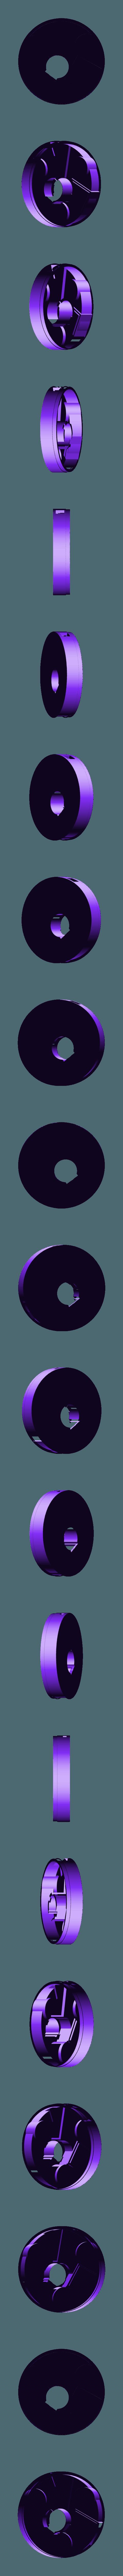 base.stl Télécharger fichier STL gratuit Lampe de projecteur RGB • Design imprimable en 3D, Job